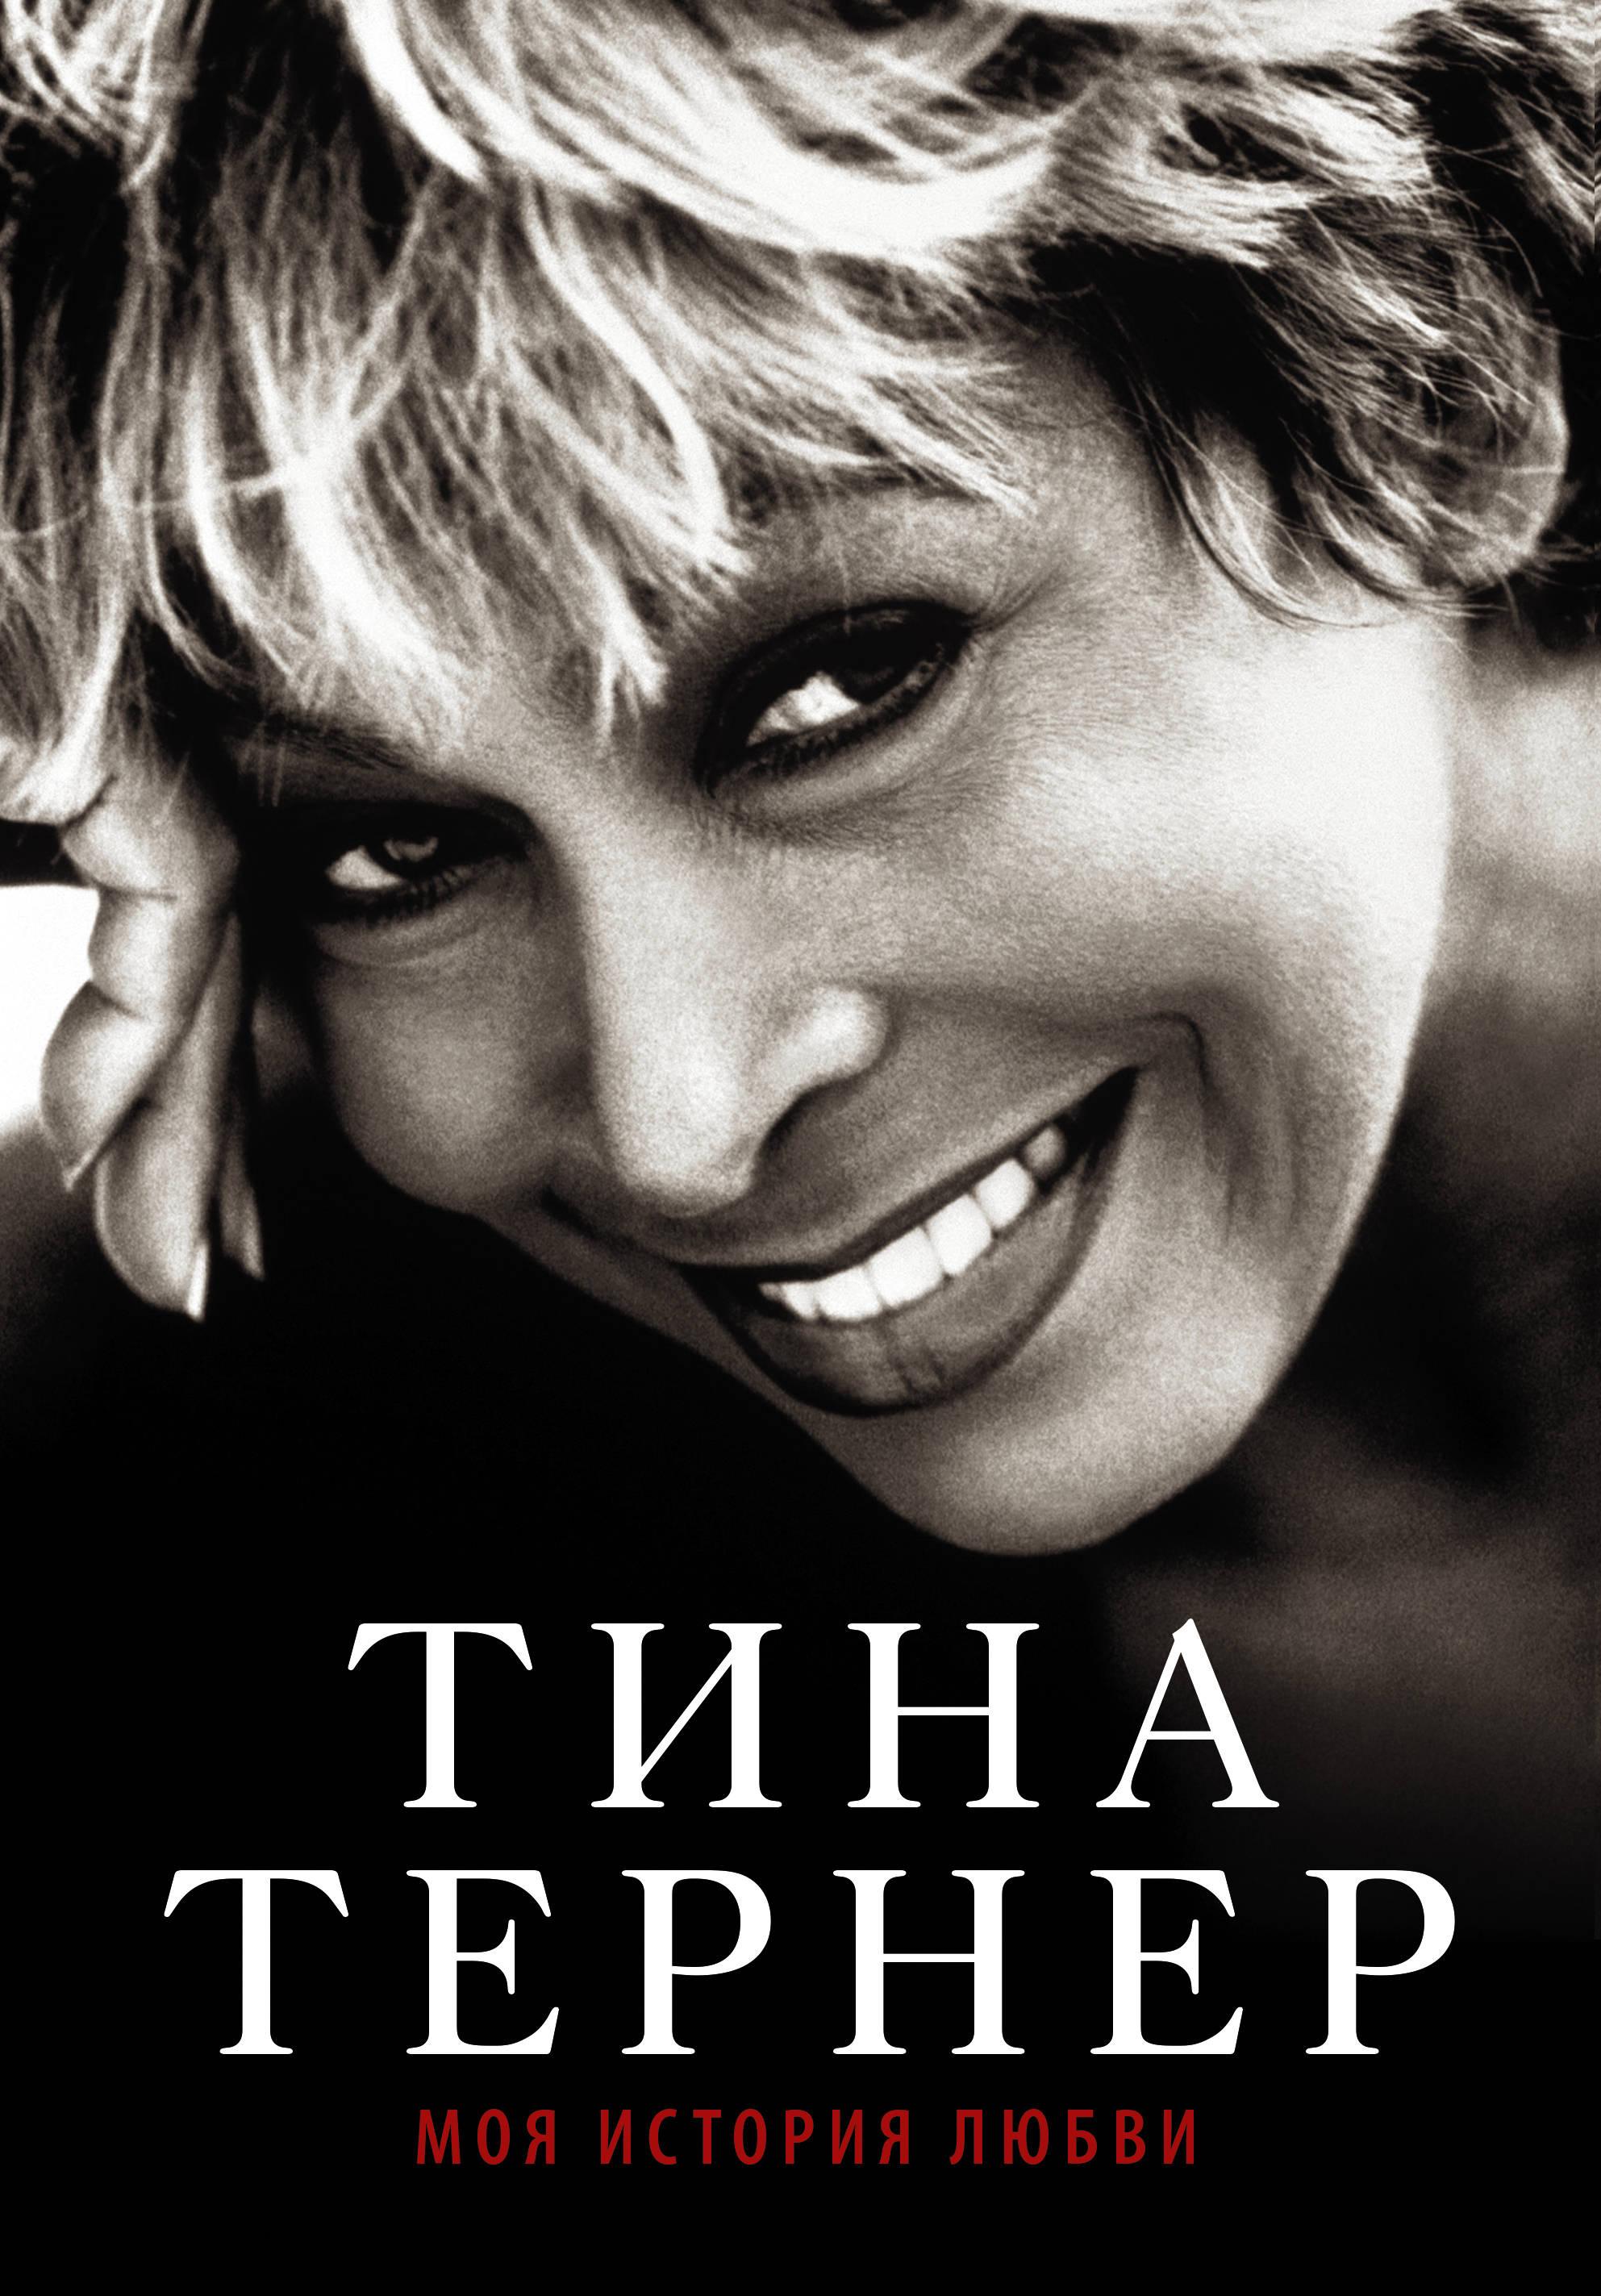 Tina Terner. Moja istorija ljubvi